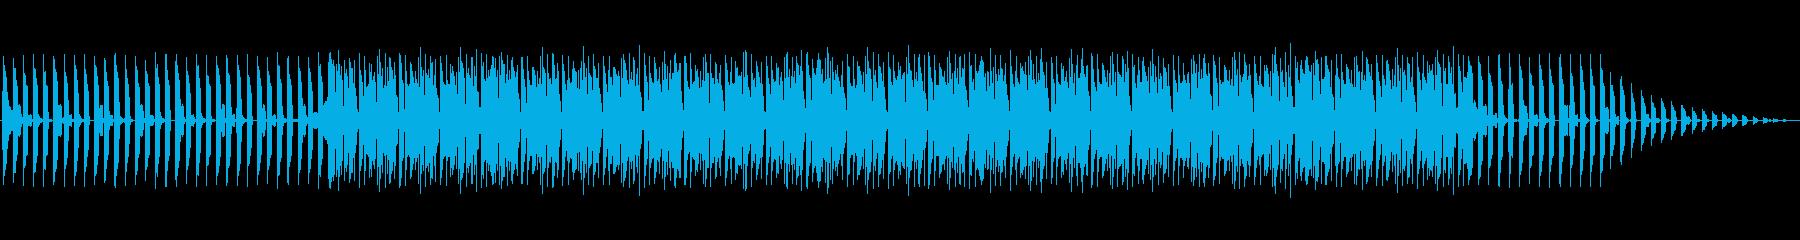 ボーカル。フュージョンボサの世界。...の再生済みの波形